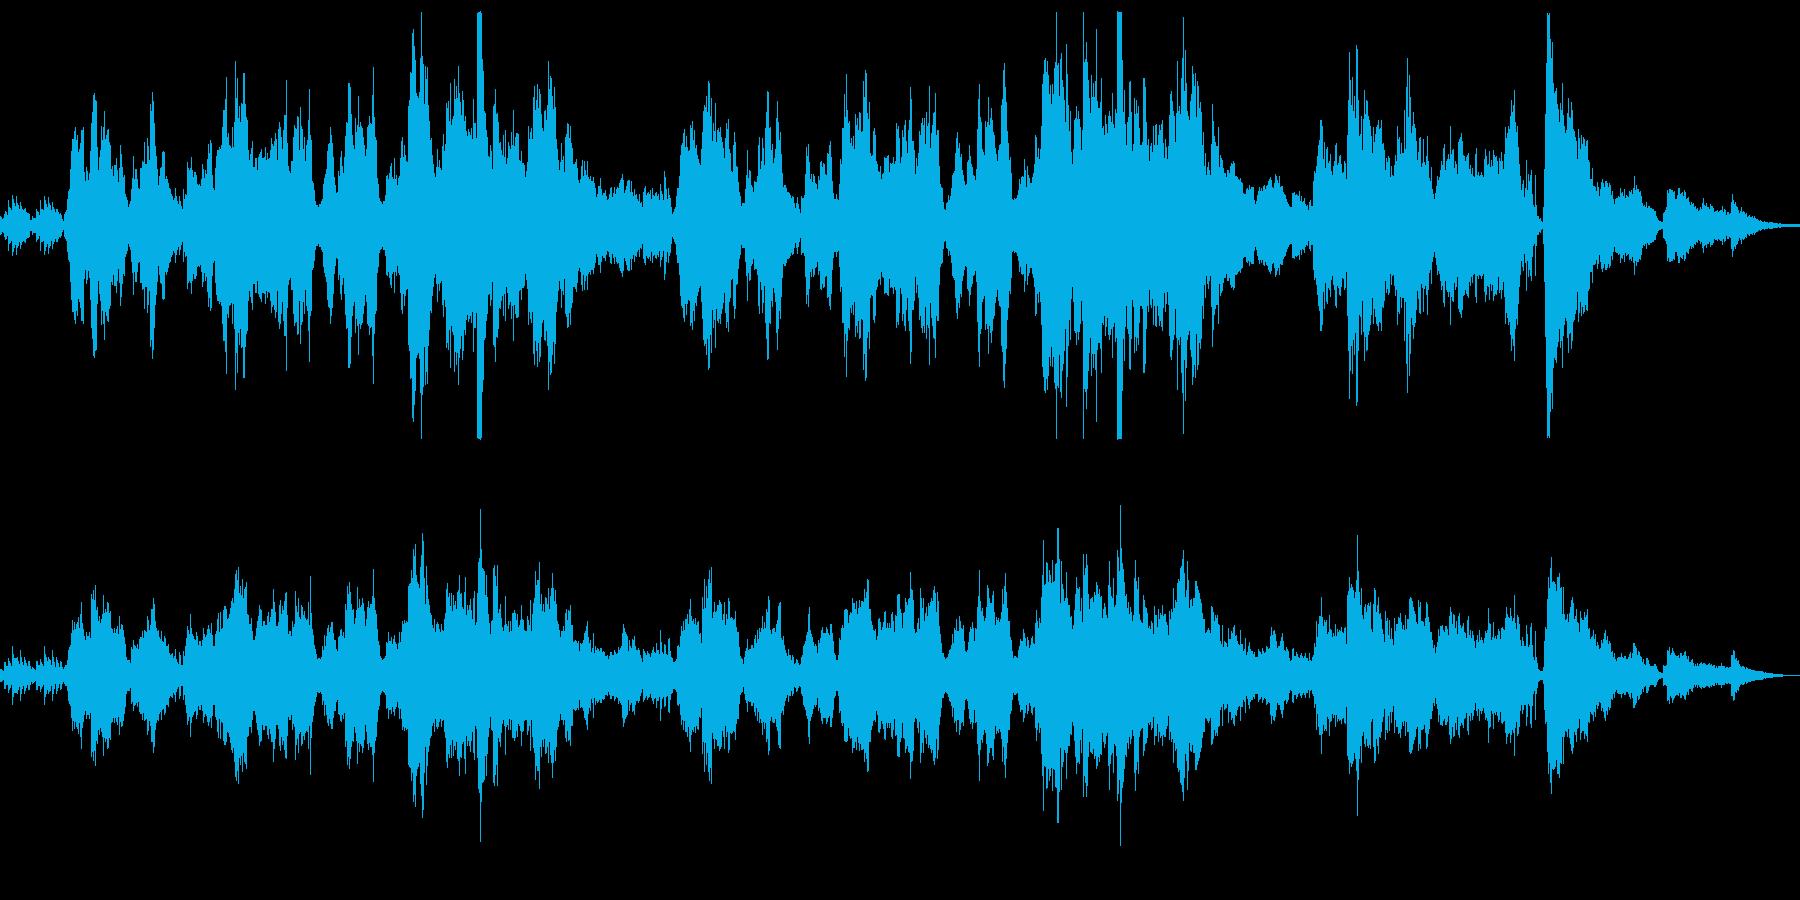 タイスの瞑想 ピアノ・バイオリンカバーの再生済みの波形